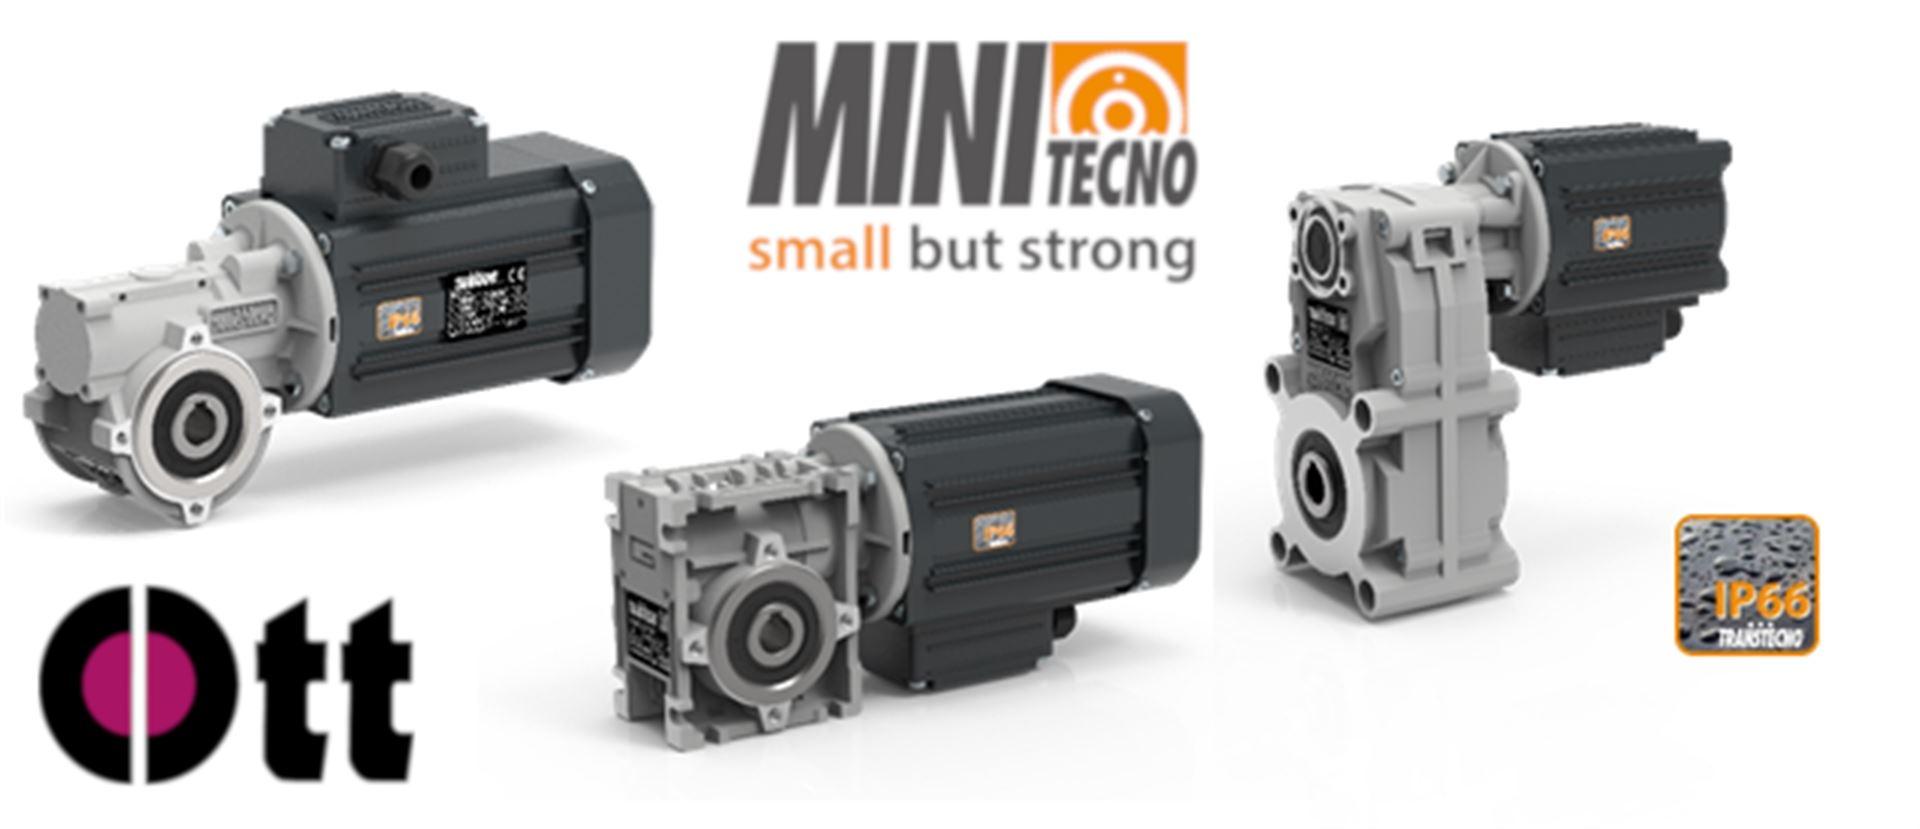 miniTecno - High-Tech Antriebe mit Schutzklasse IP66